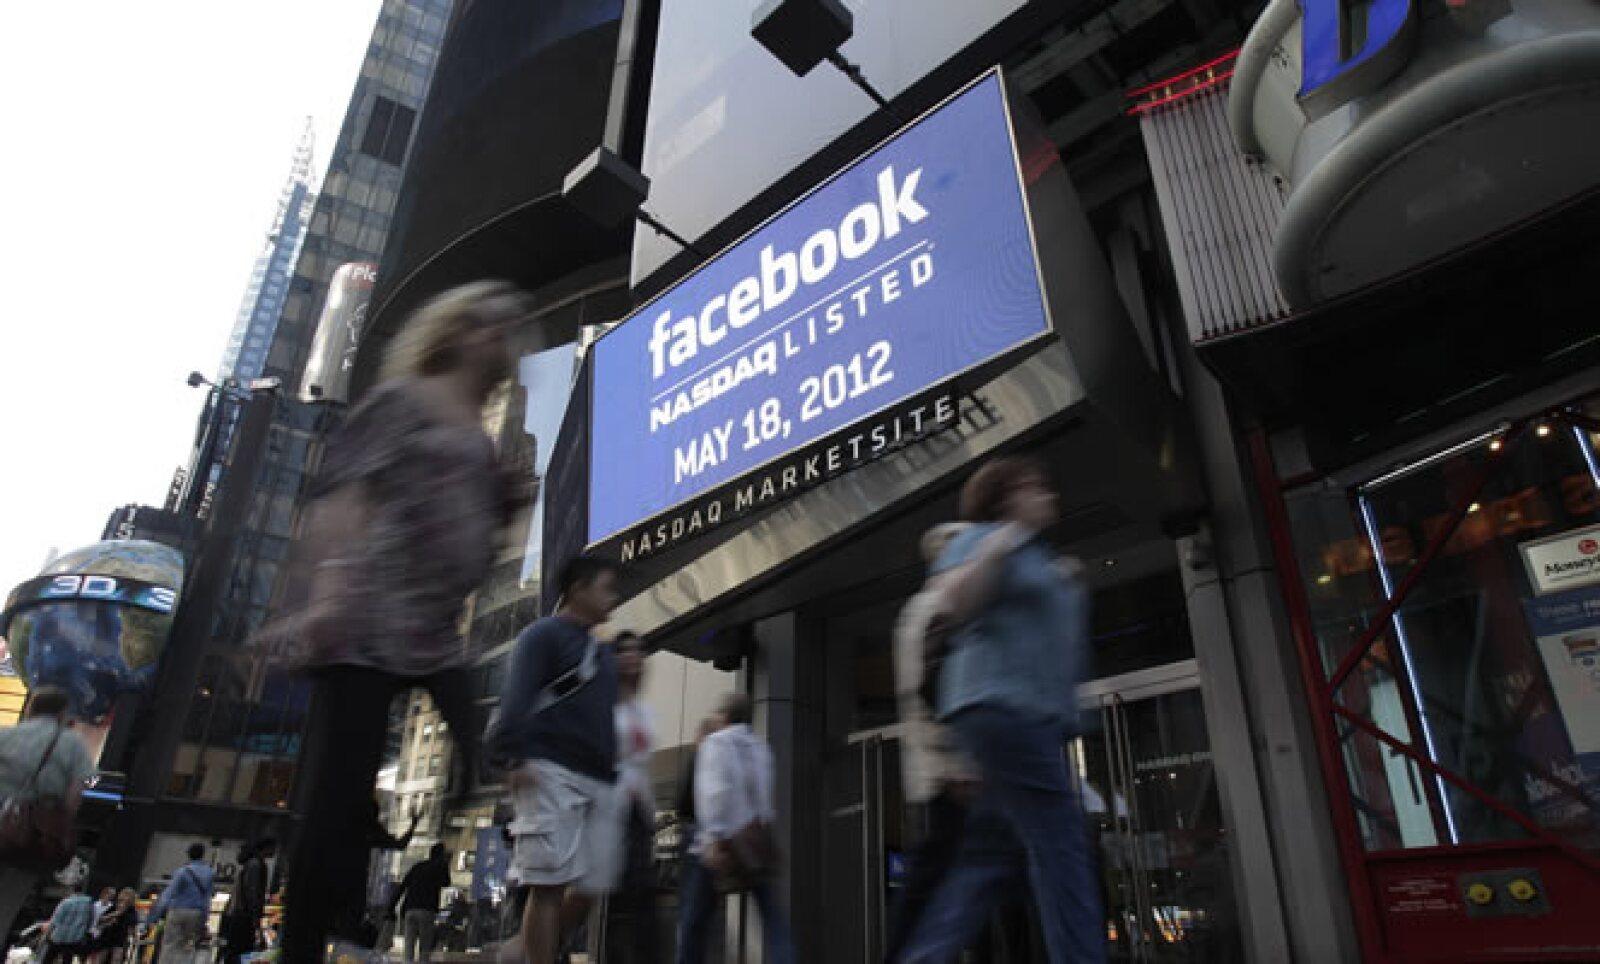 La firma fundada por Mark Zuckerberg emitió un total de 421.2 millones de acciones para recaudar 16,000 millones de dólares.